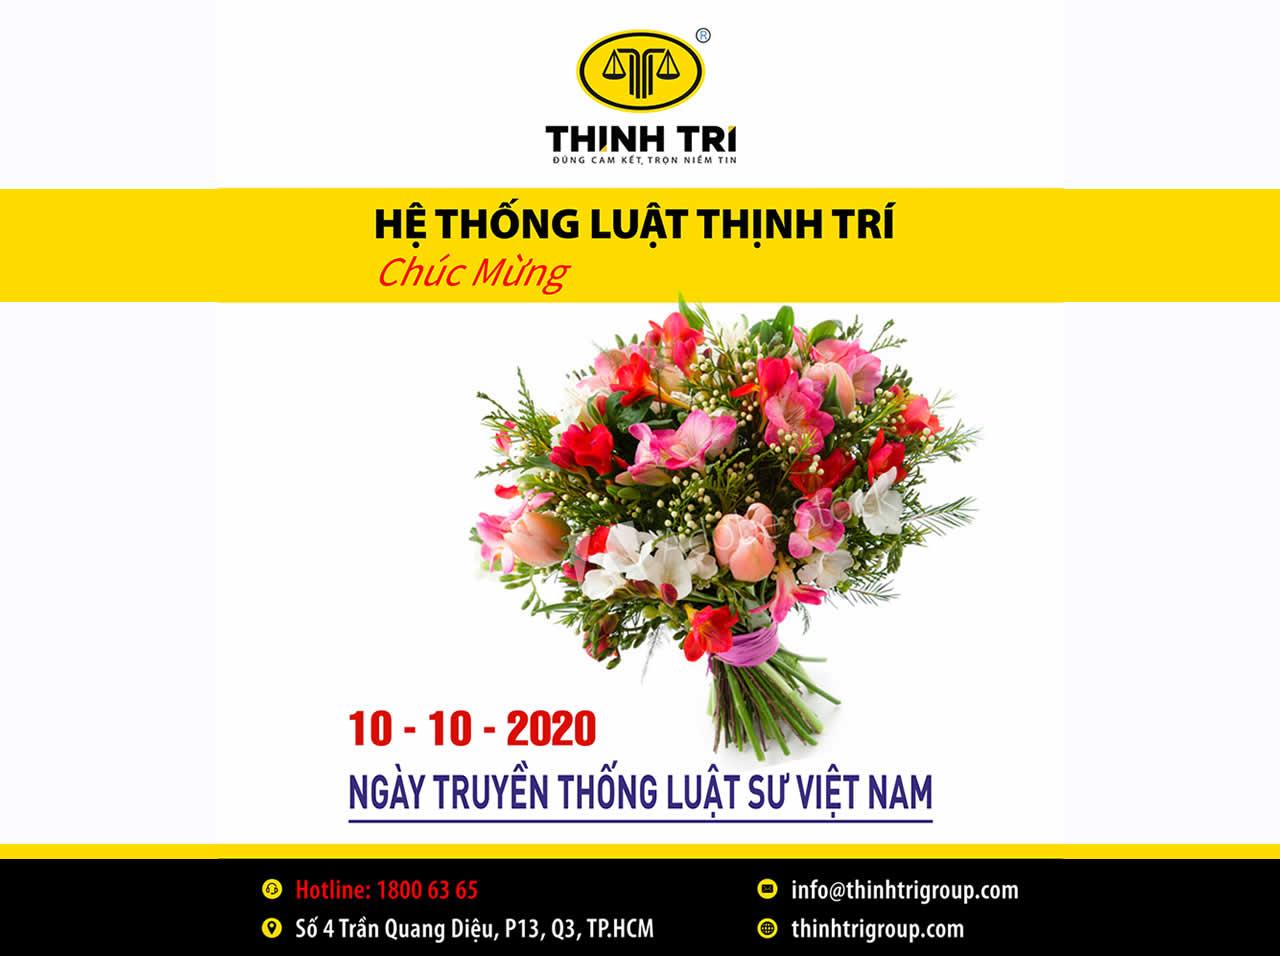 HỆ THỐNG LUẬT THỊNH TRÍ CHÚC MỪNG NGÀY TRUYỀN THỐNG LUẬT SƯ VIỆT NAM 10-10-2020